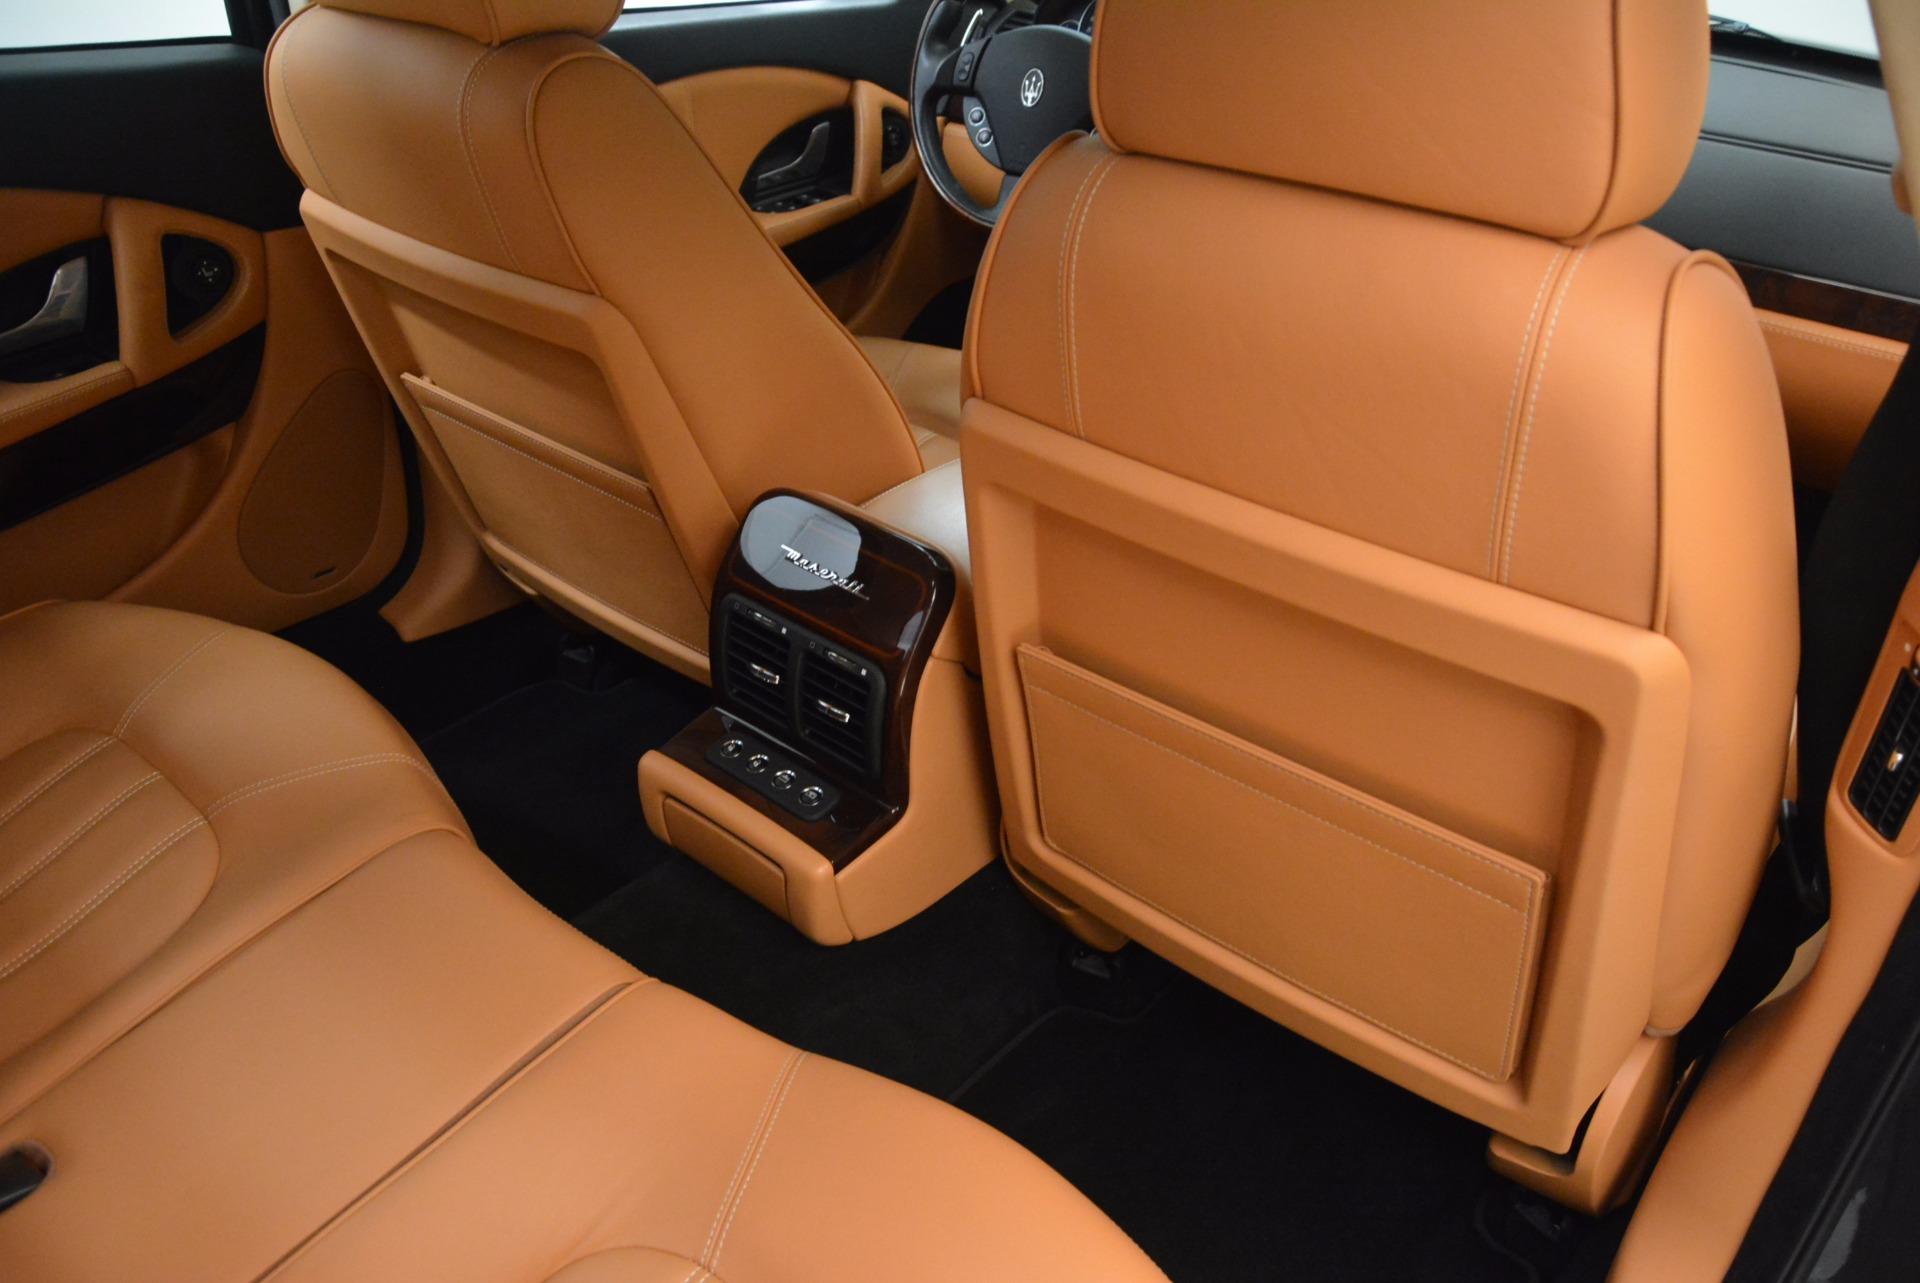 Used 2010 Maserati Quattroporte S For Sale In Greenwich, CT 1551_p37